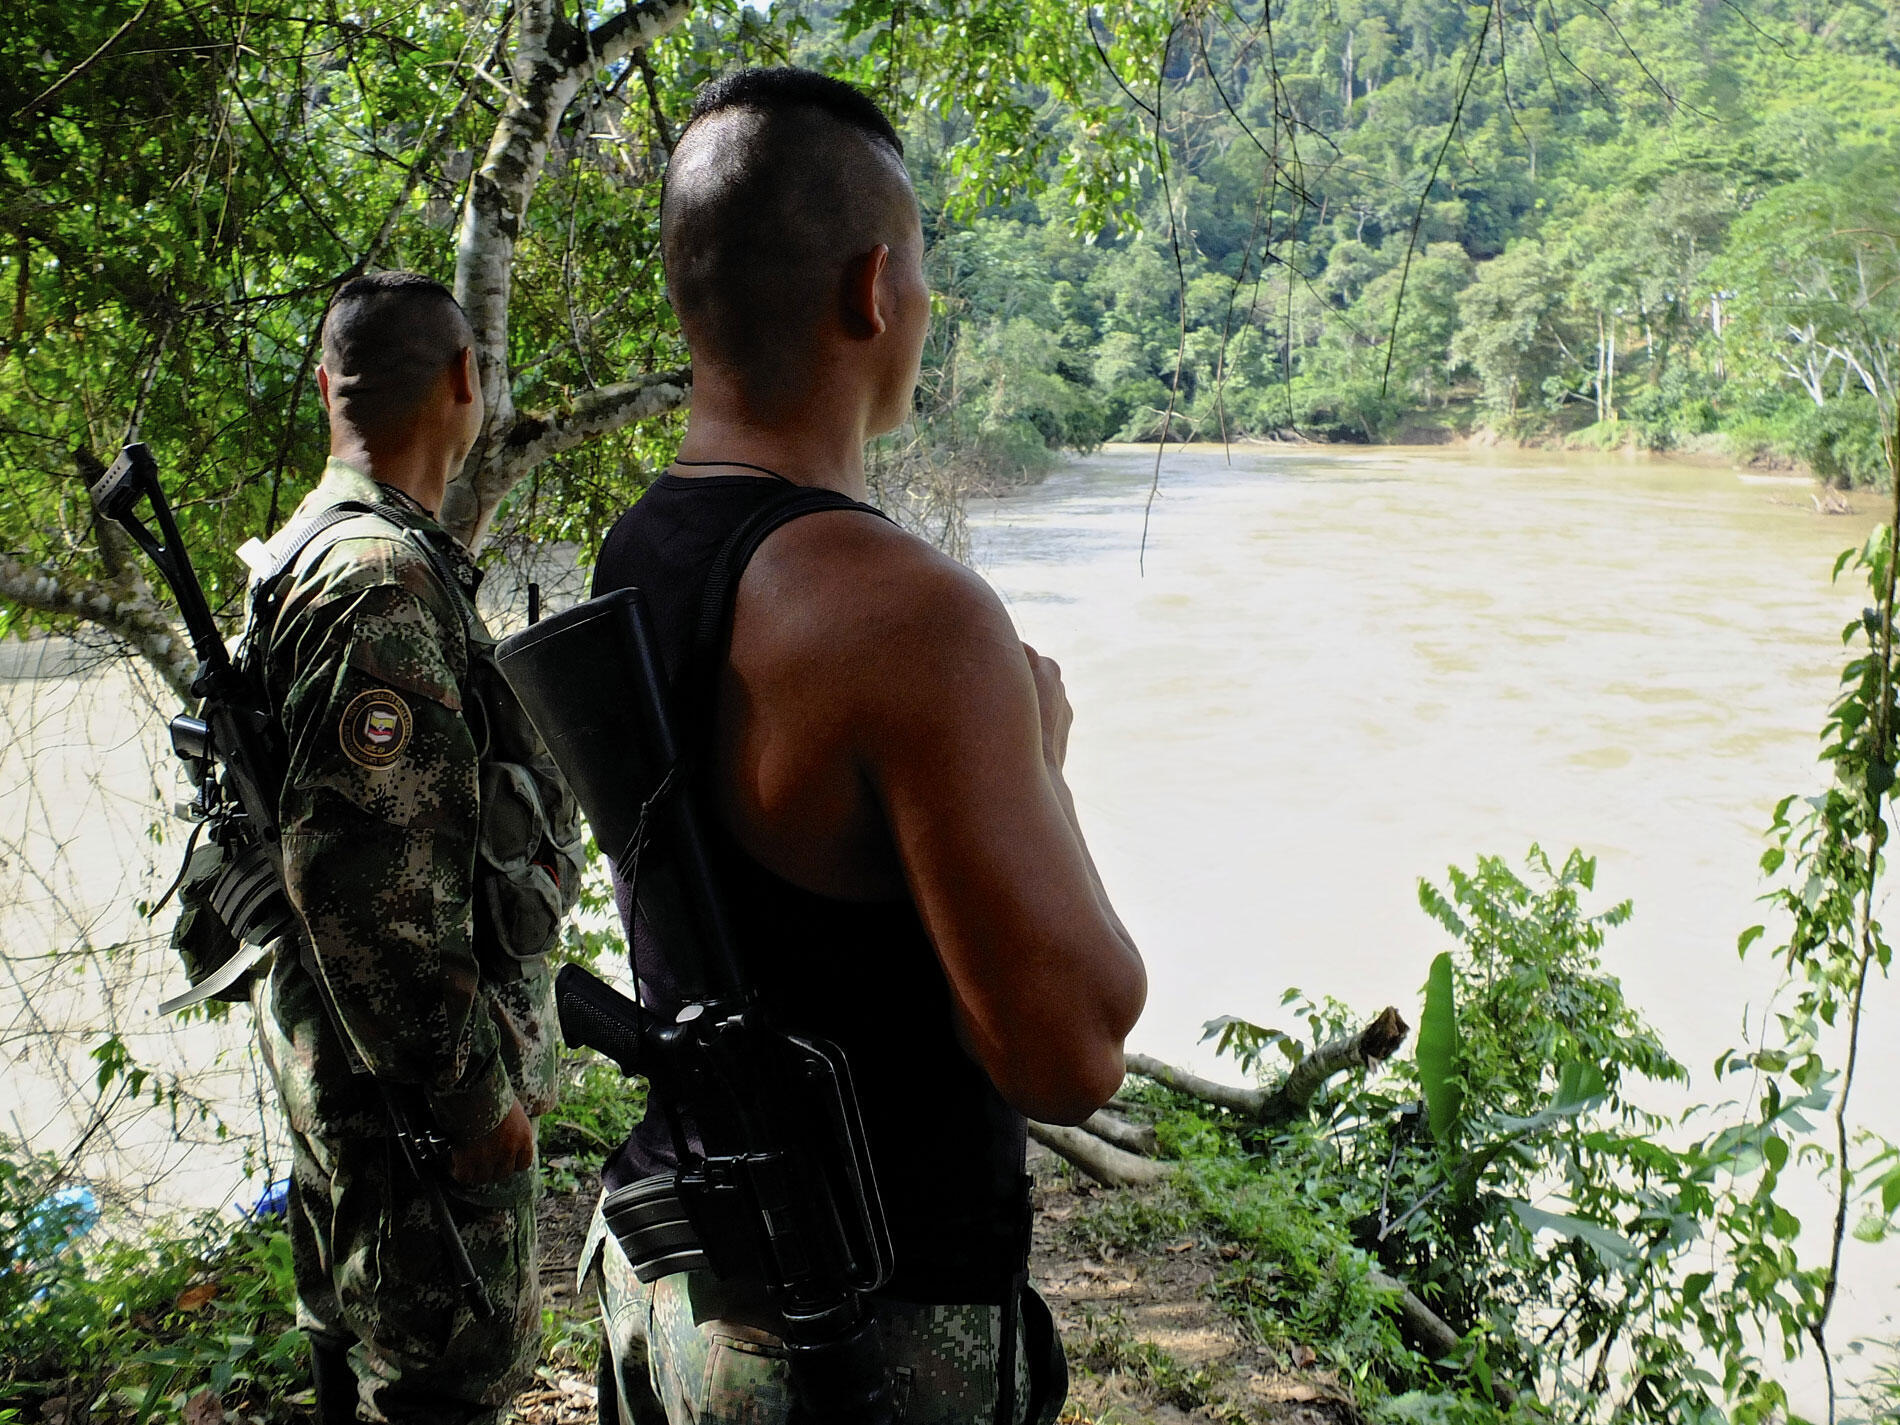 Diaporama: La guerrilla colombiana, en el umbral de la paz